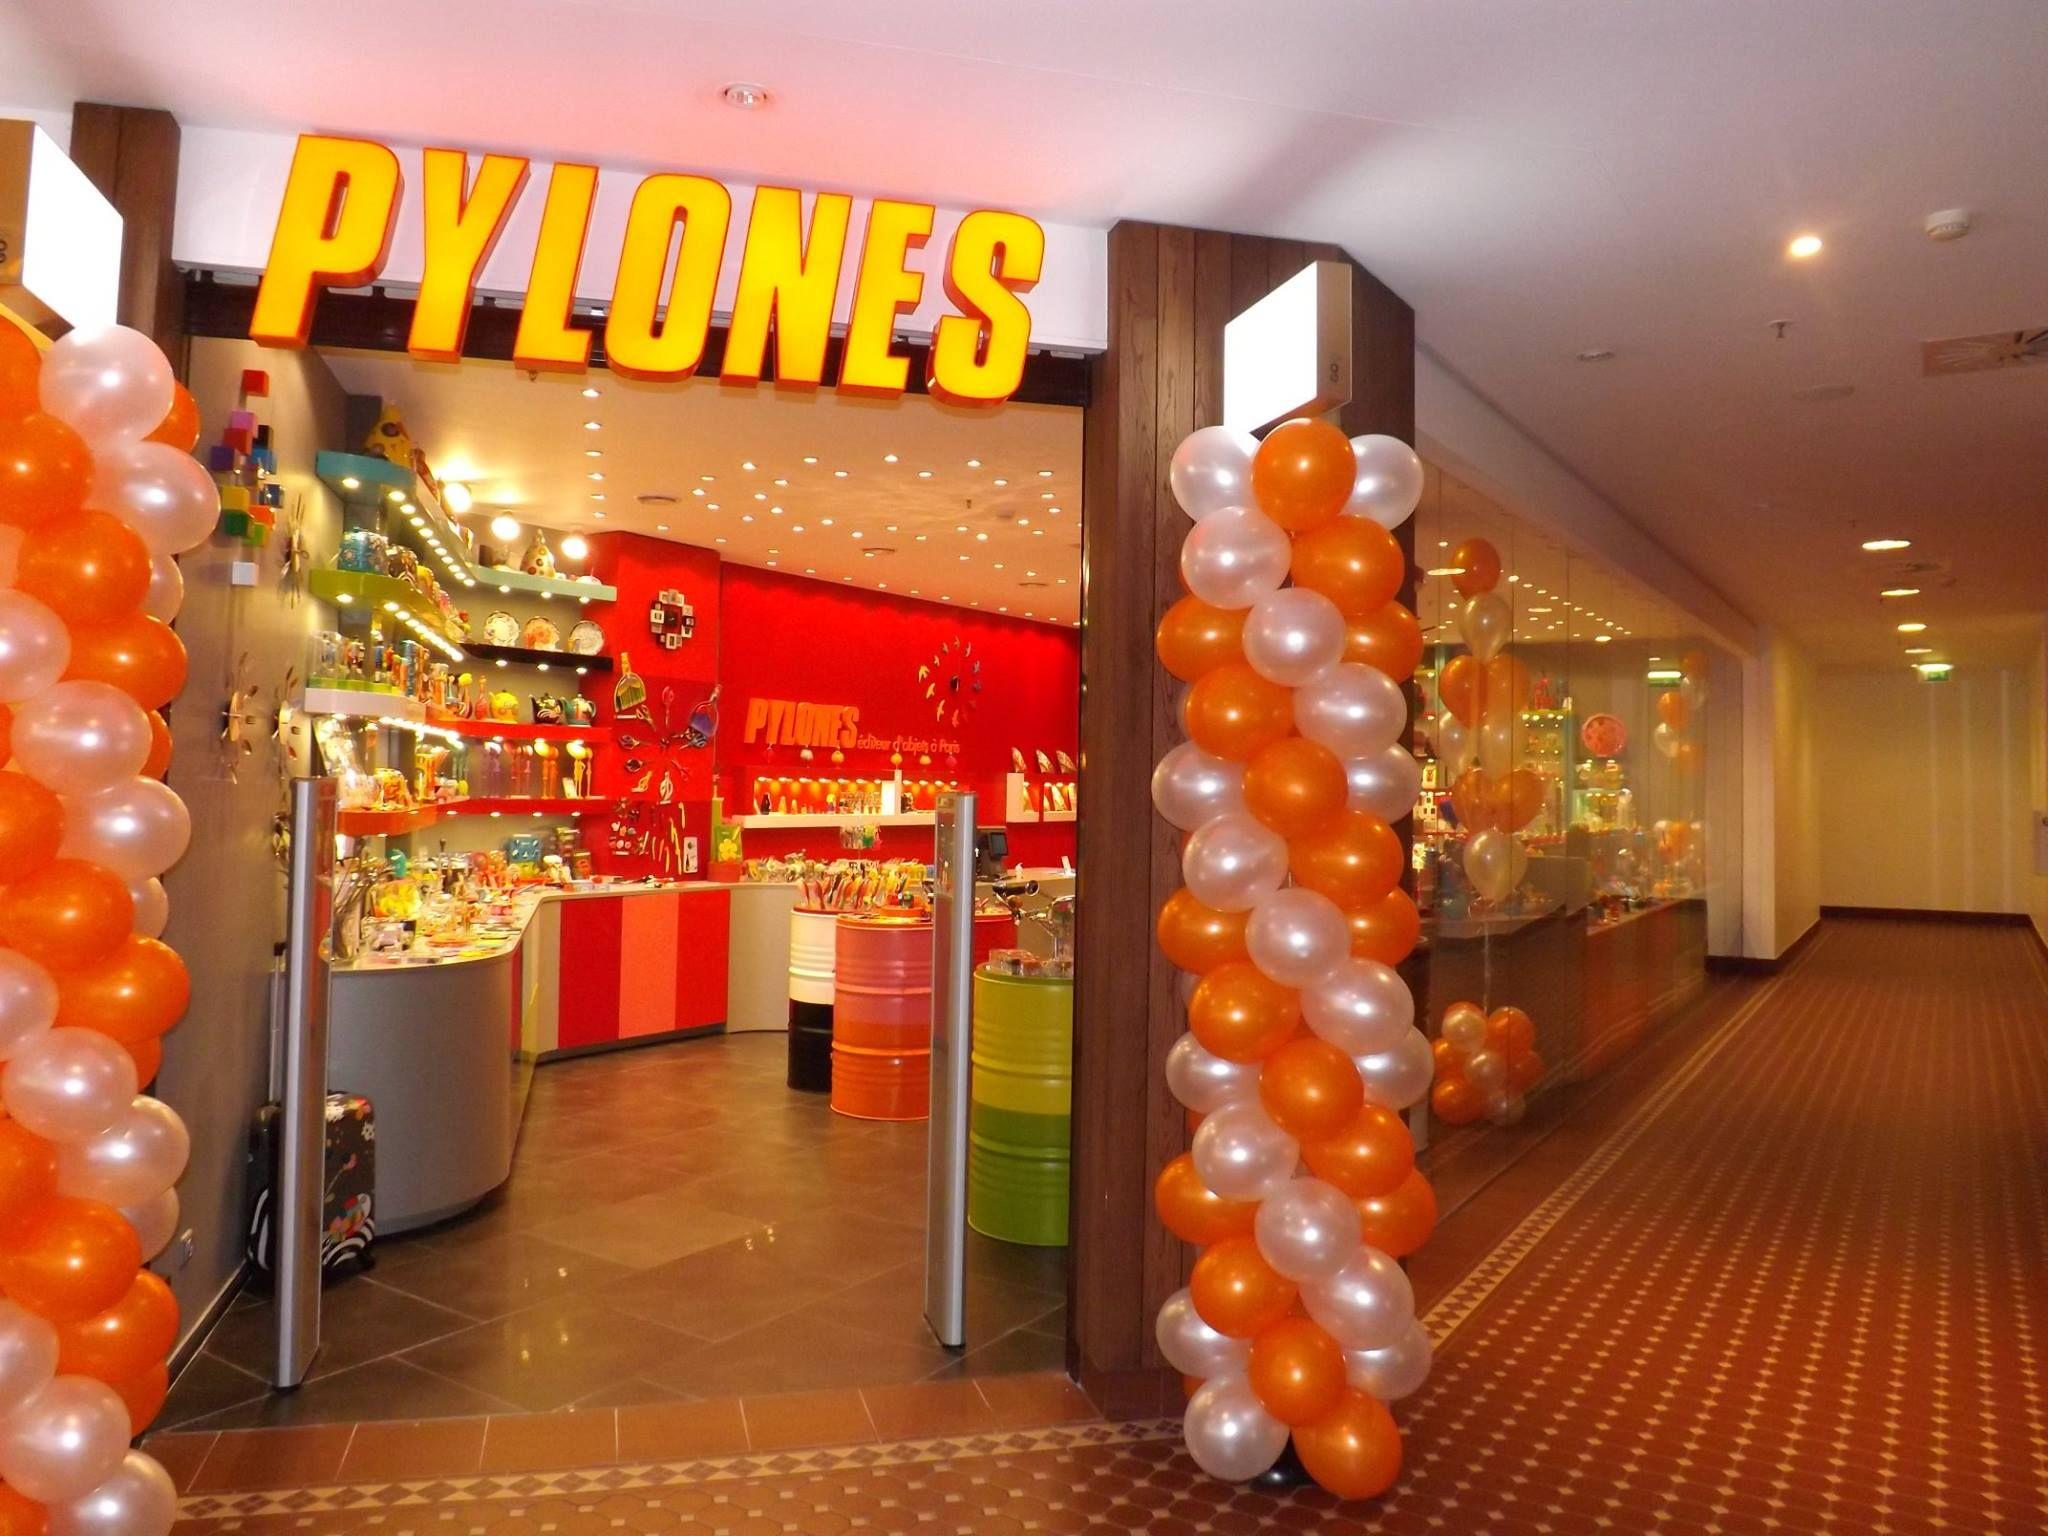 @pylonesco #pylonesco